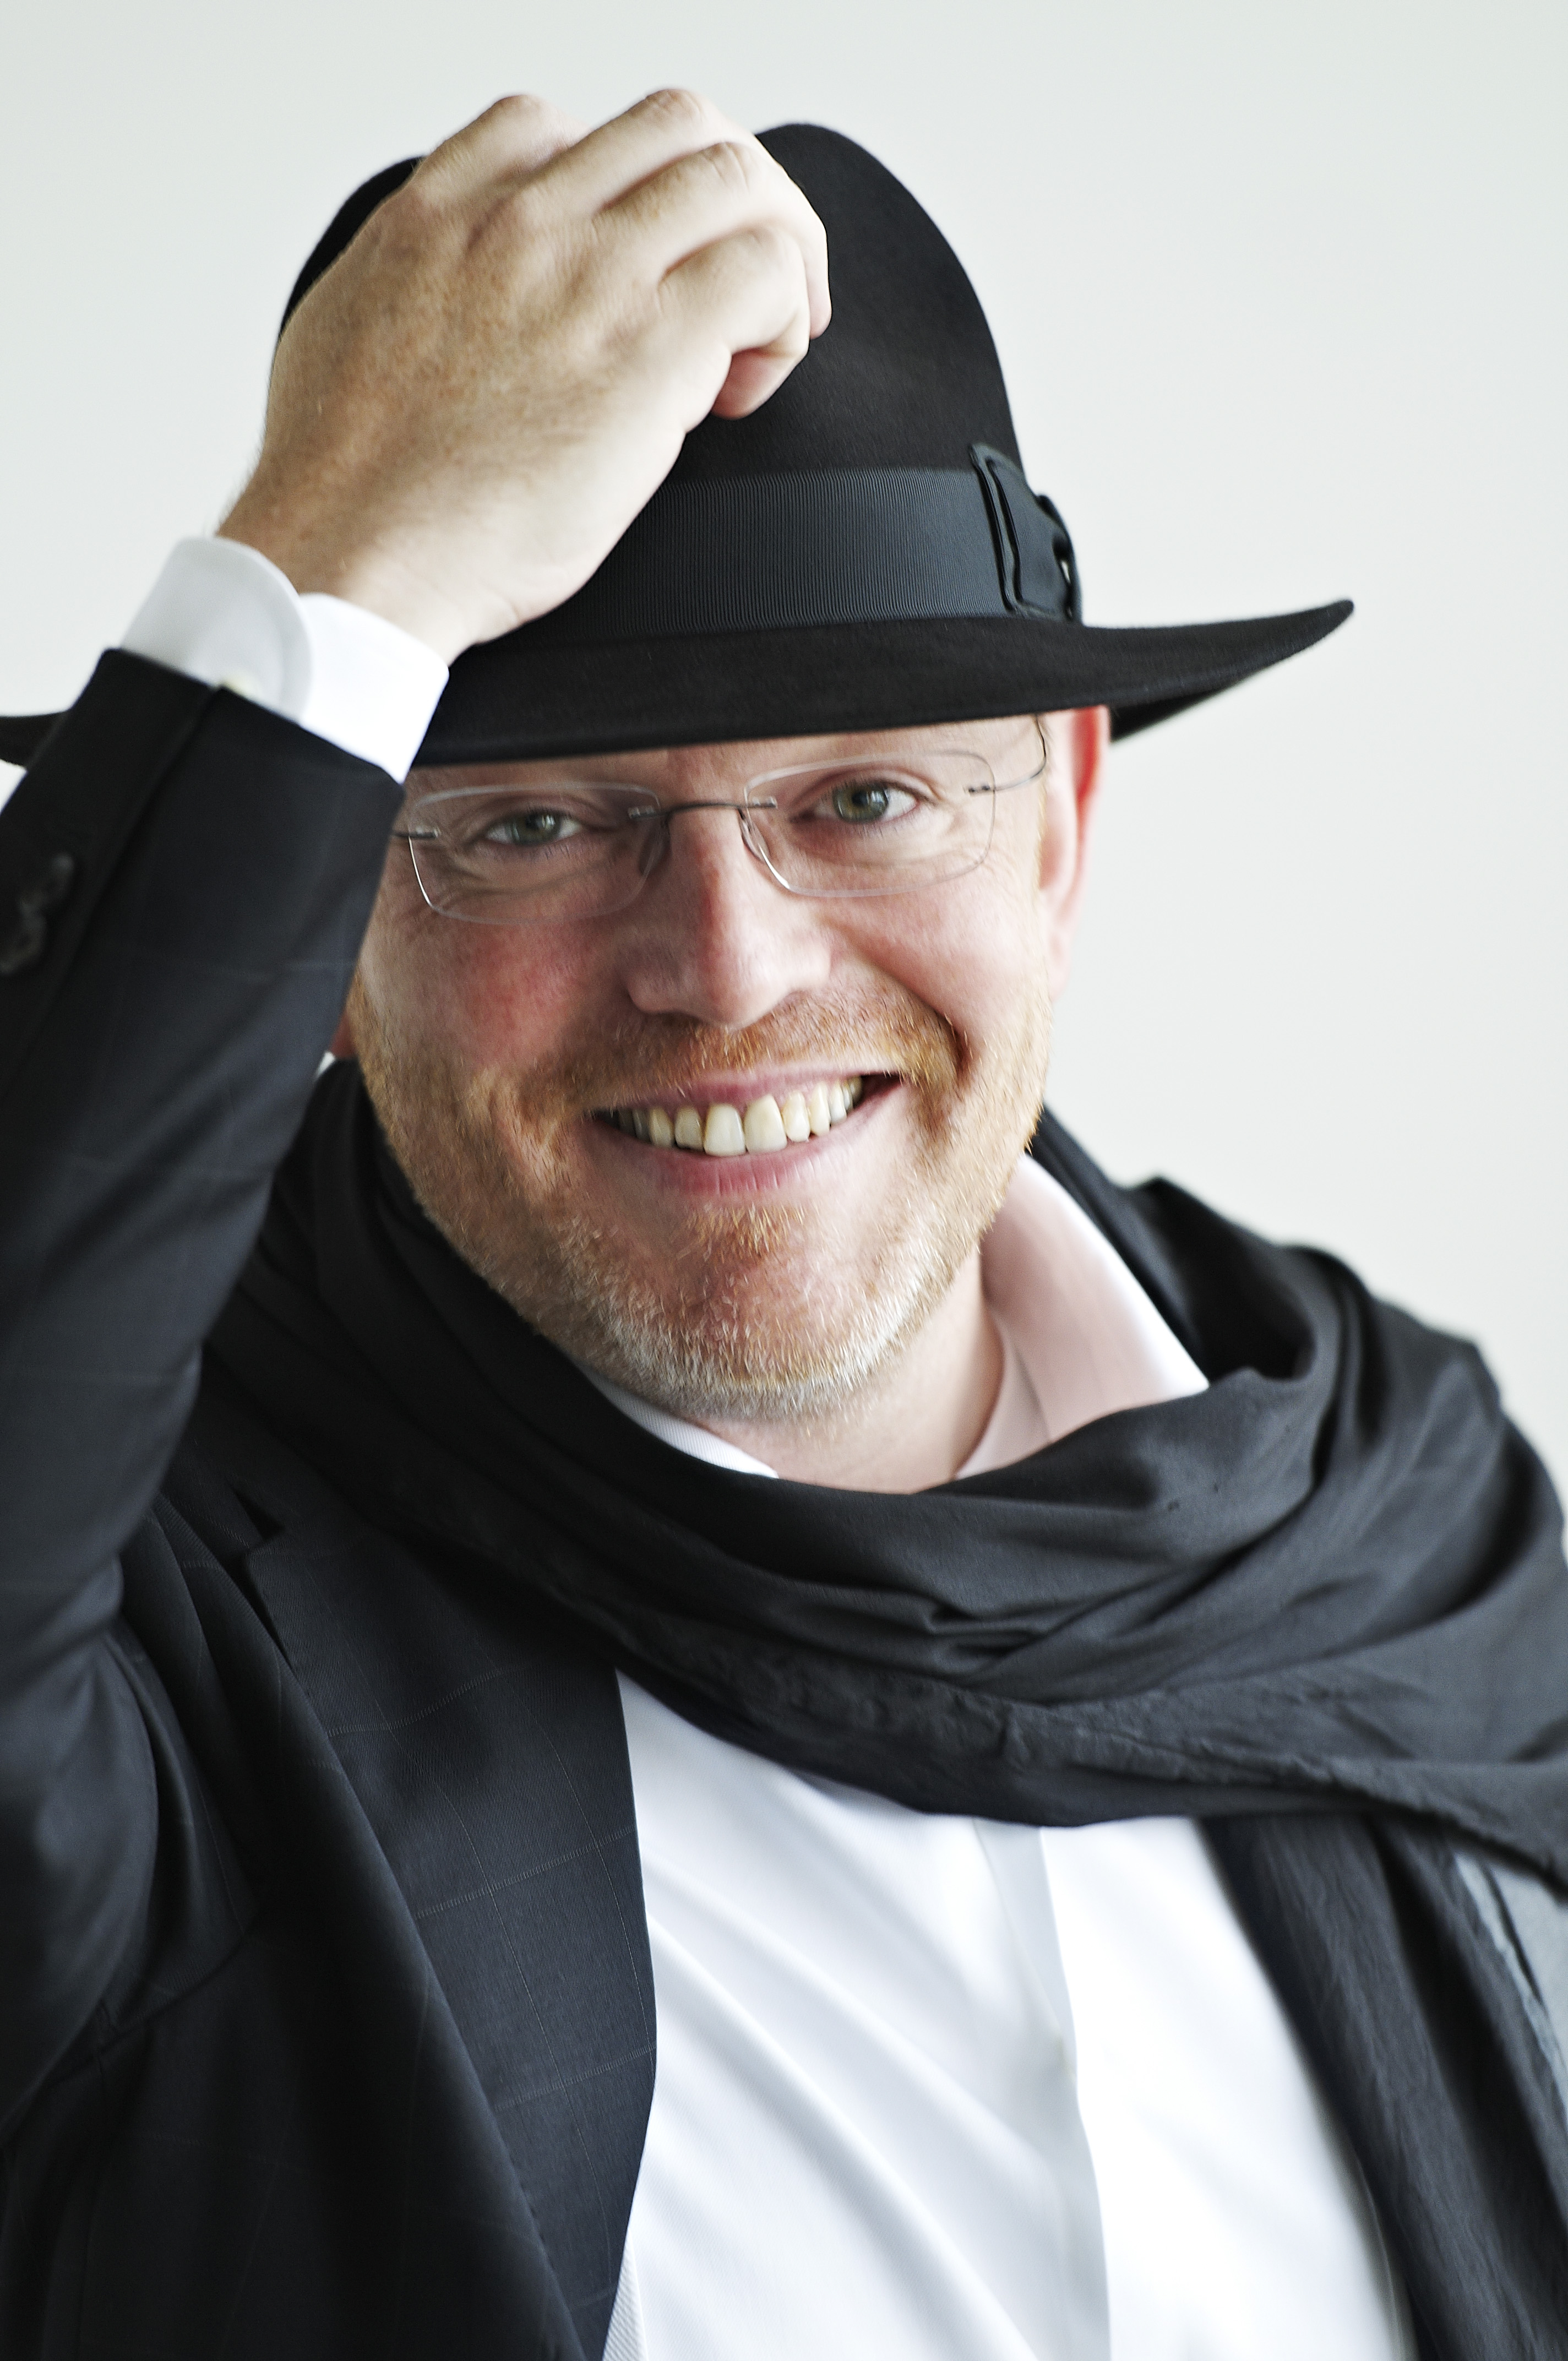 CoachSander : Sander Vrugt van Keulen met hoed